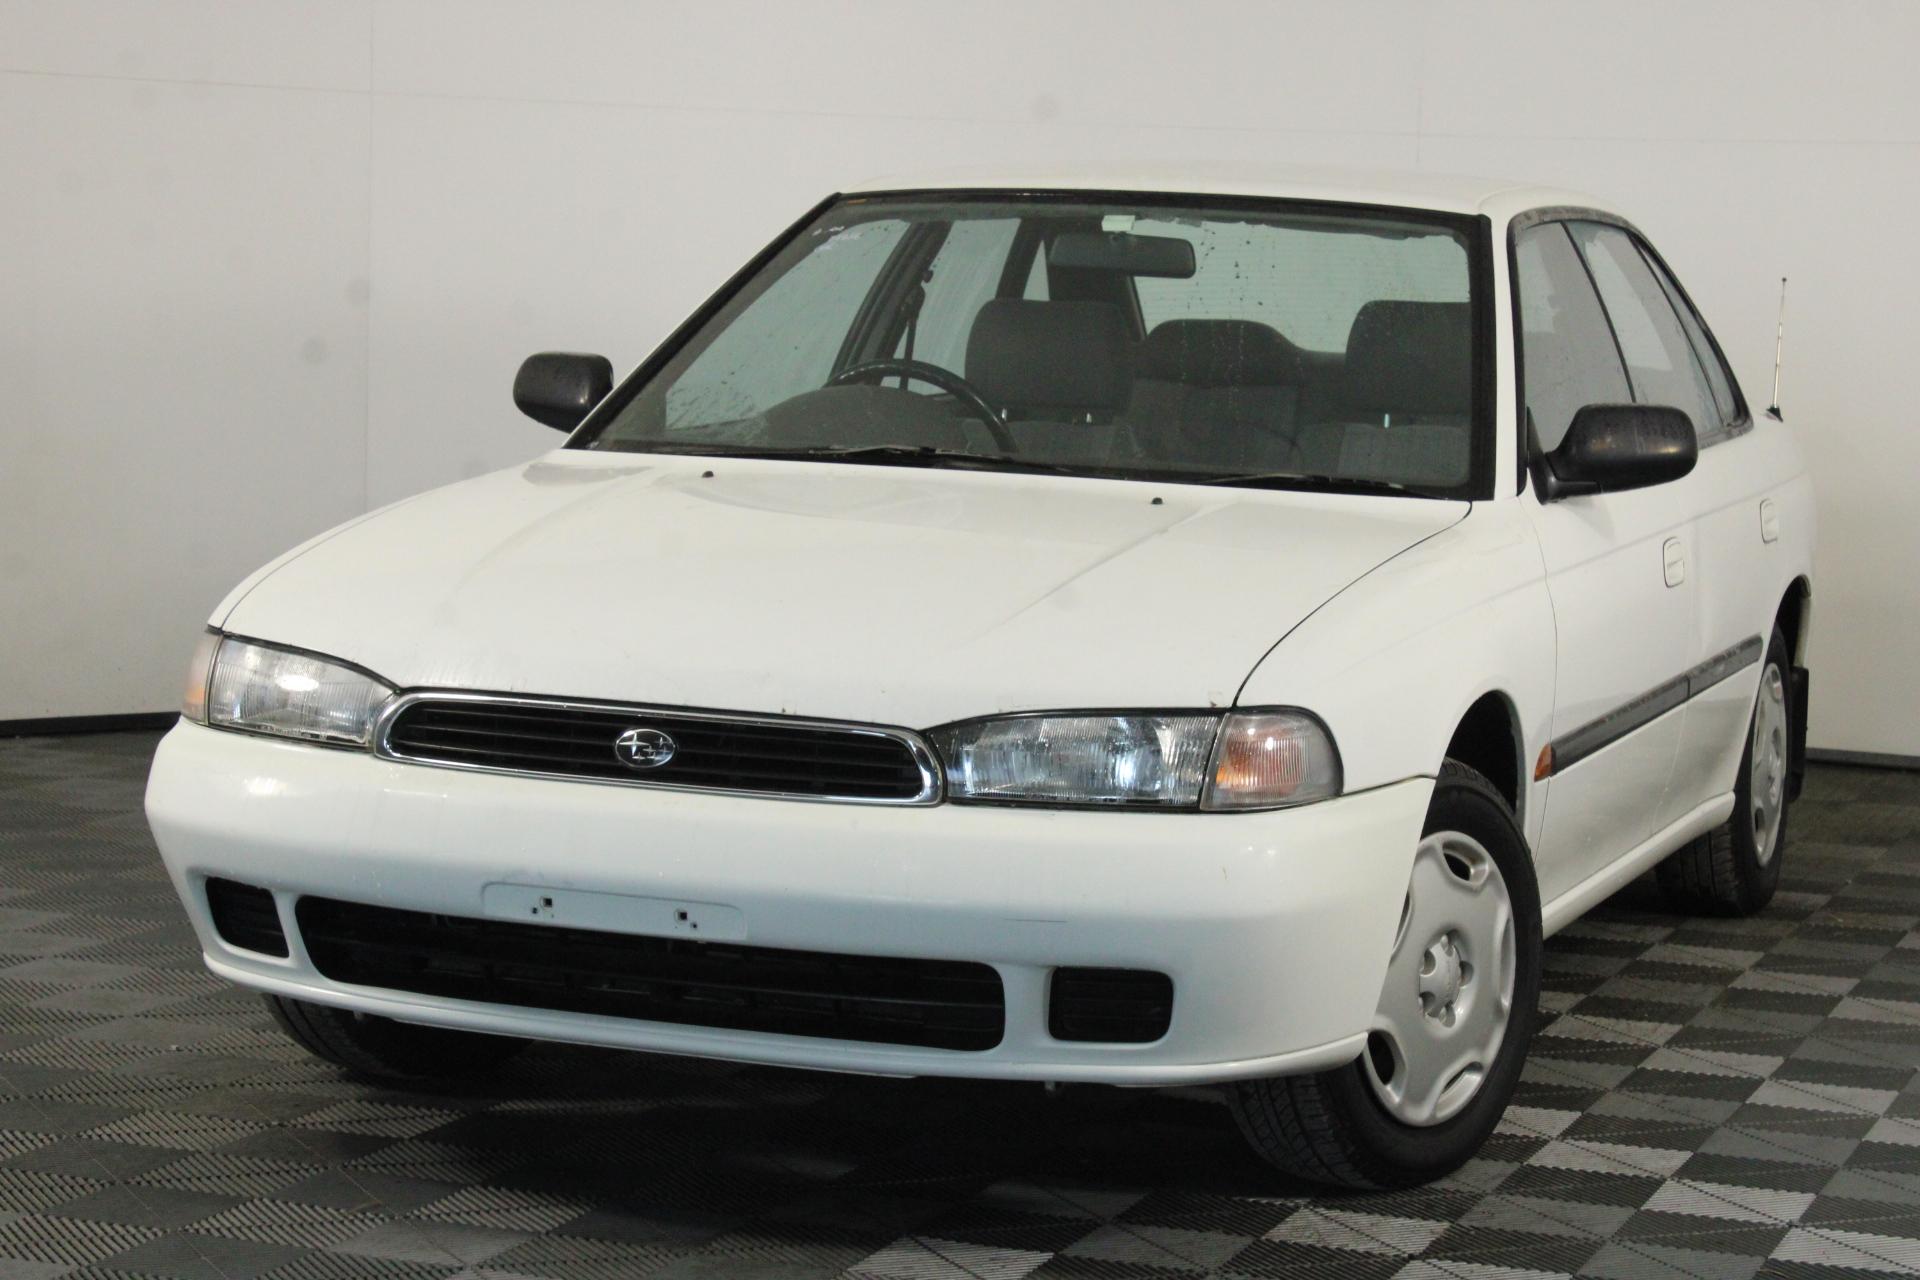 1995 Subaru Liberty GX B2 Automatic Sedan